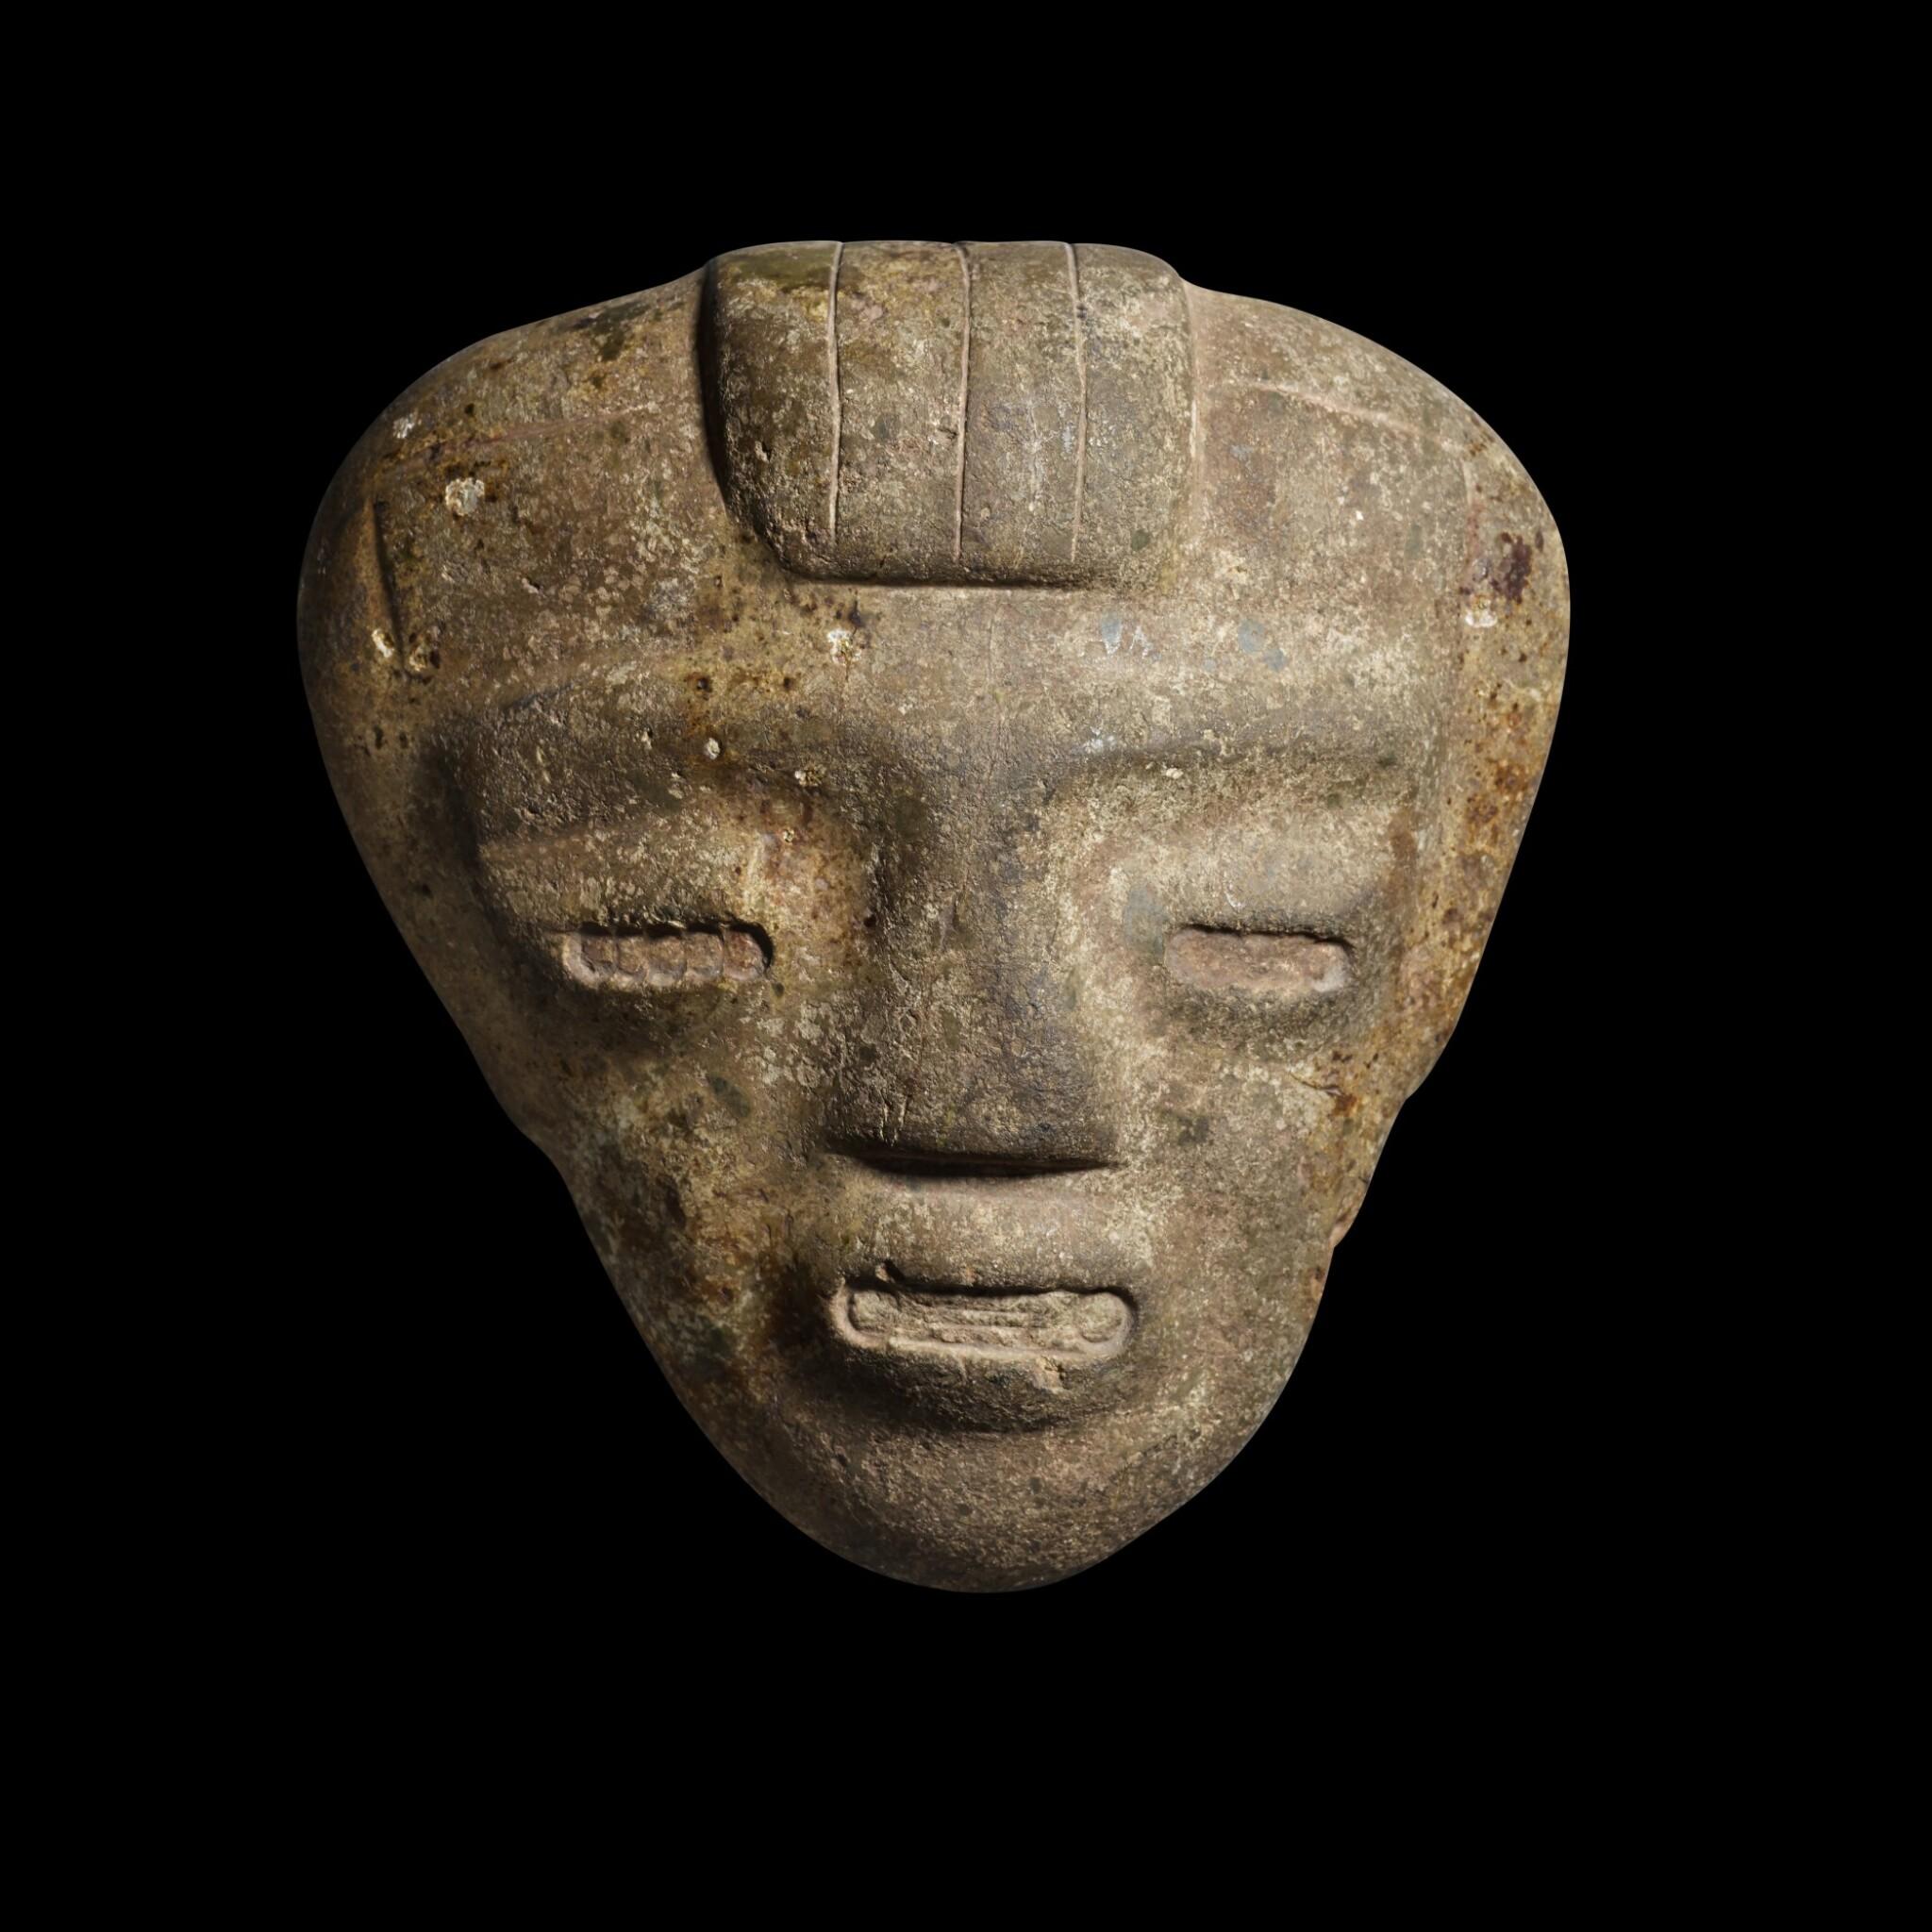 View 1 of Lot 164. Preclassic stone head, Guerrero/Central Highlands, Mexico, Late Preclassic, circa 300/100 BC.